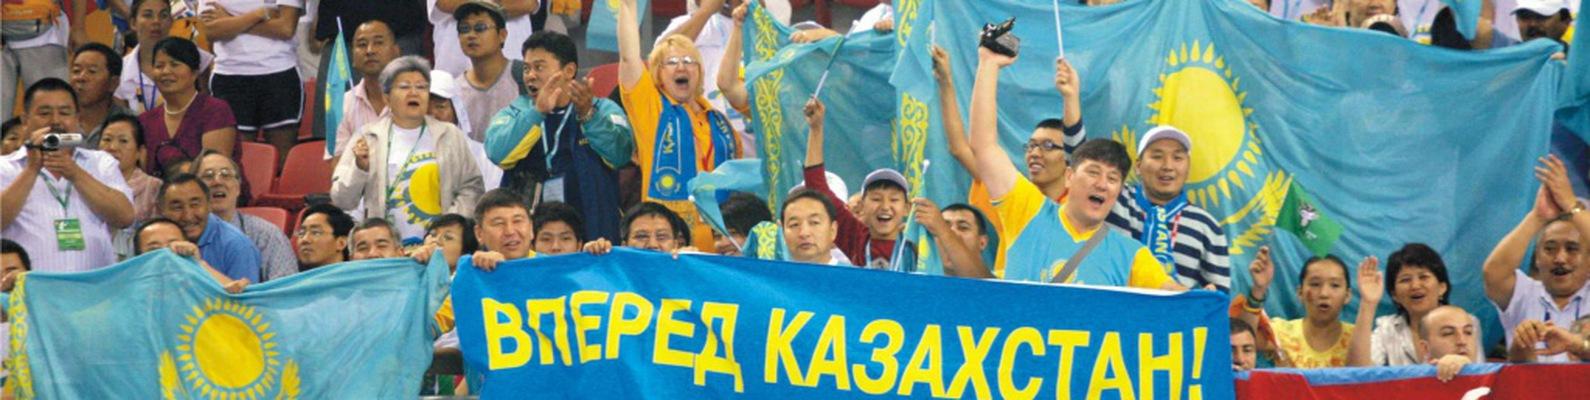 Казахстан заборонив депутатам використовувати на засіданнях парламенту російську мову - Цензор.НЕТ 6440